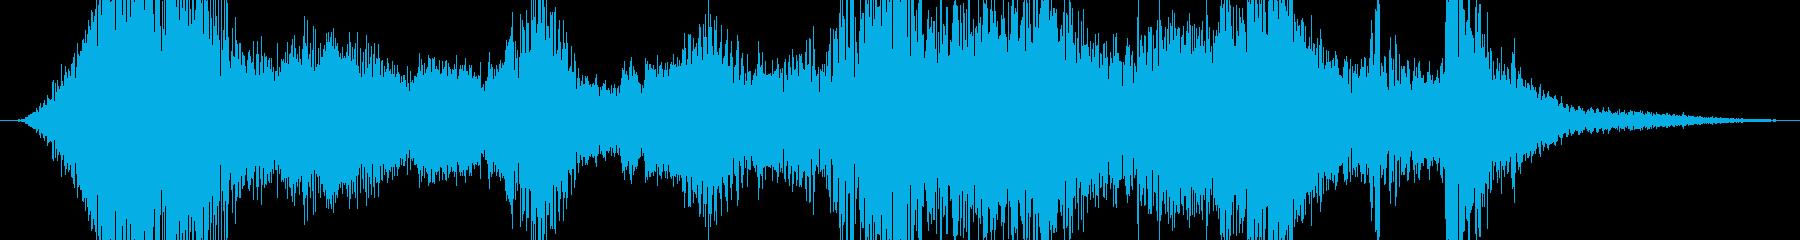 ポップ テクノ 実験的な モダン ...の再生済みの波形